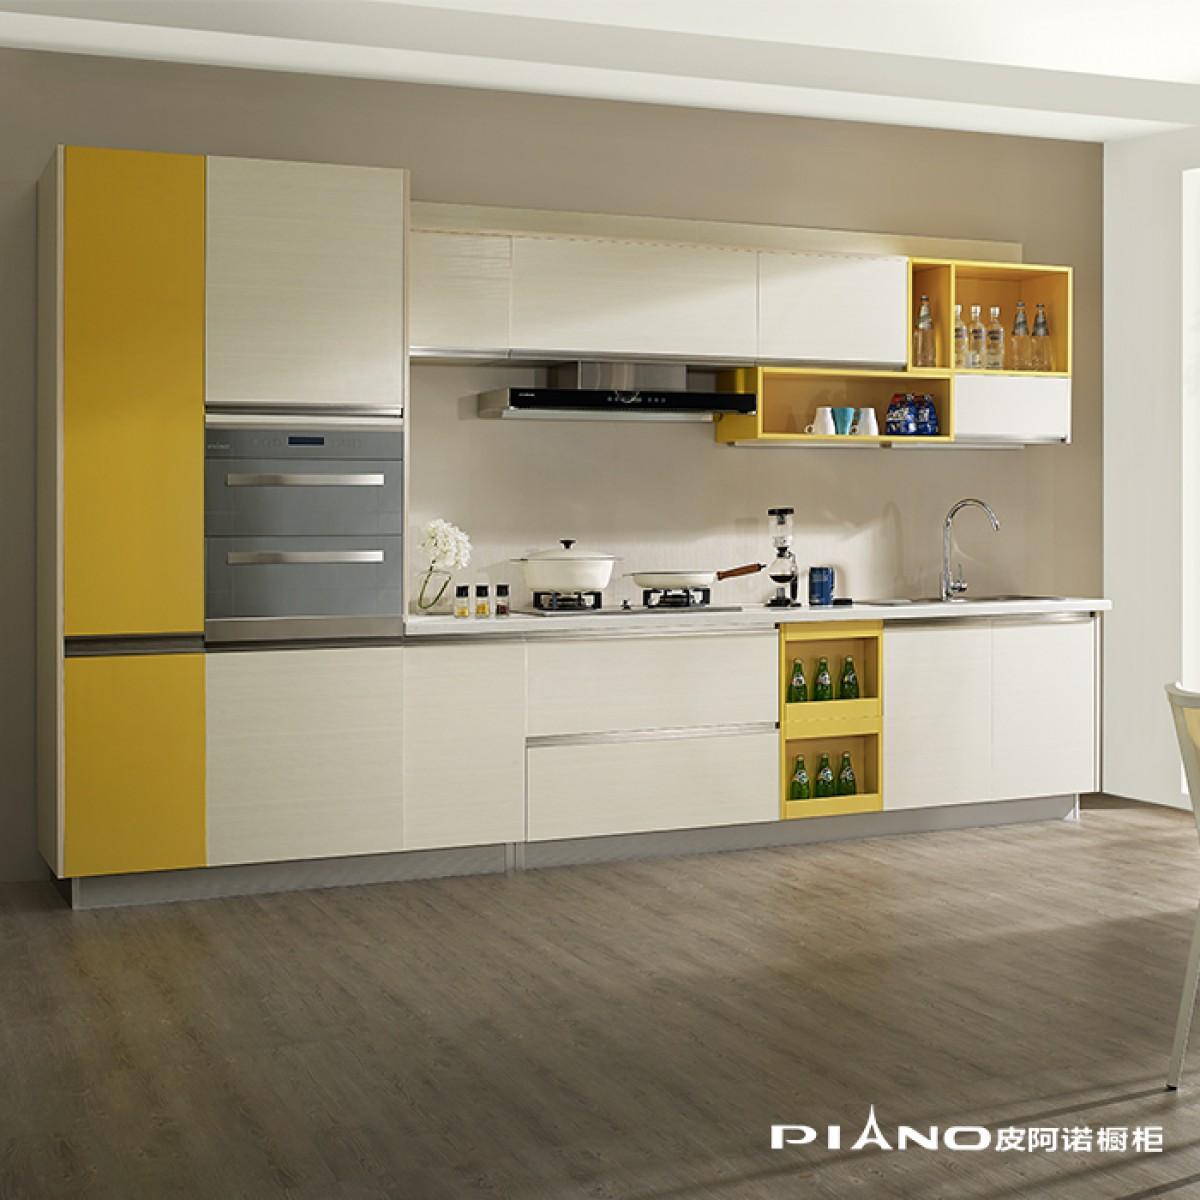 皮阿诺橱柜 一米阳光 简约现代开放式厨房厨柜定制